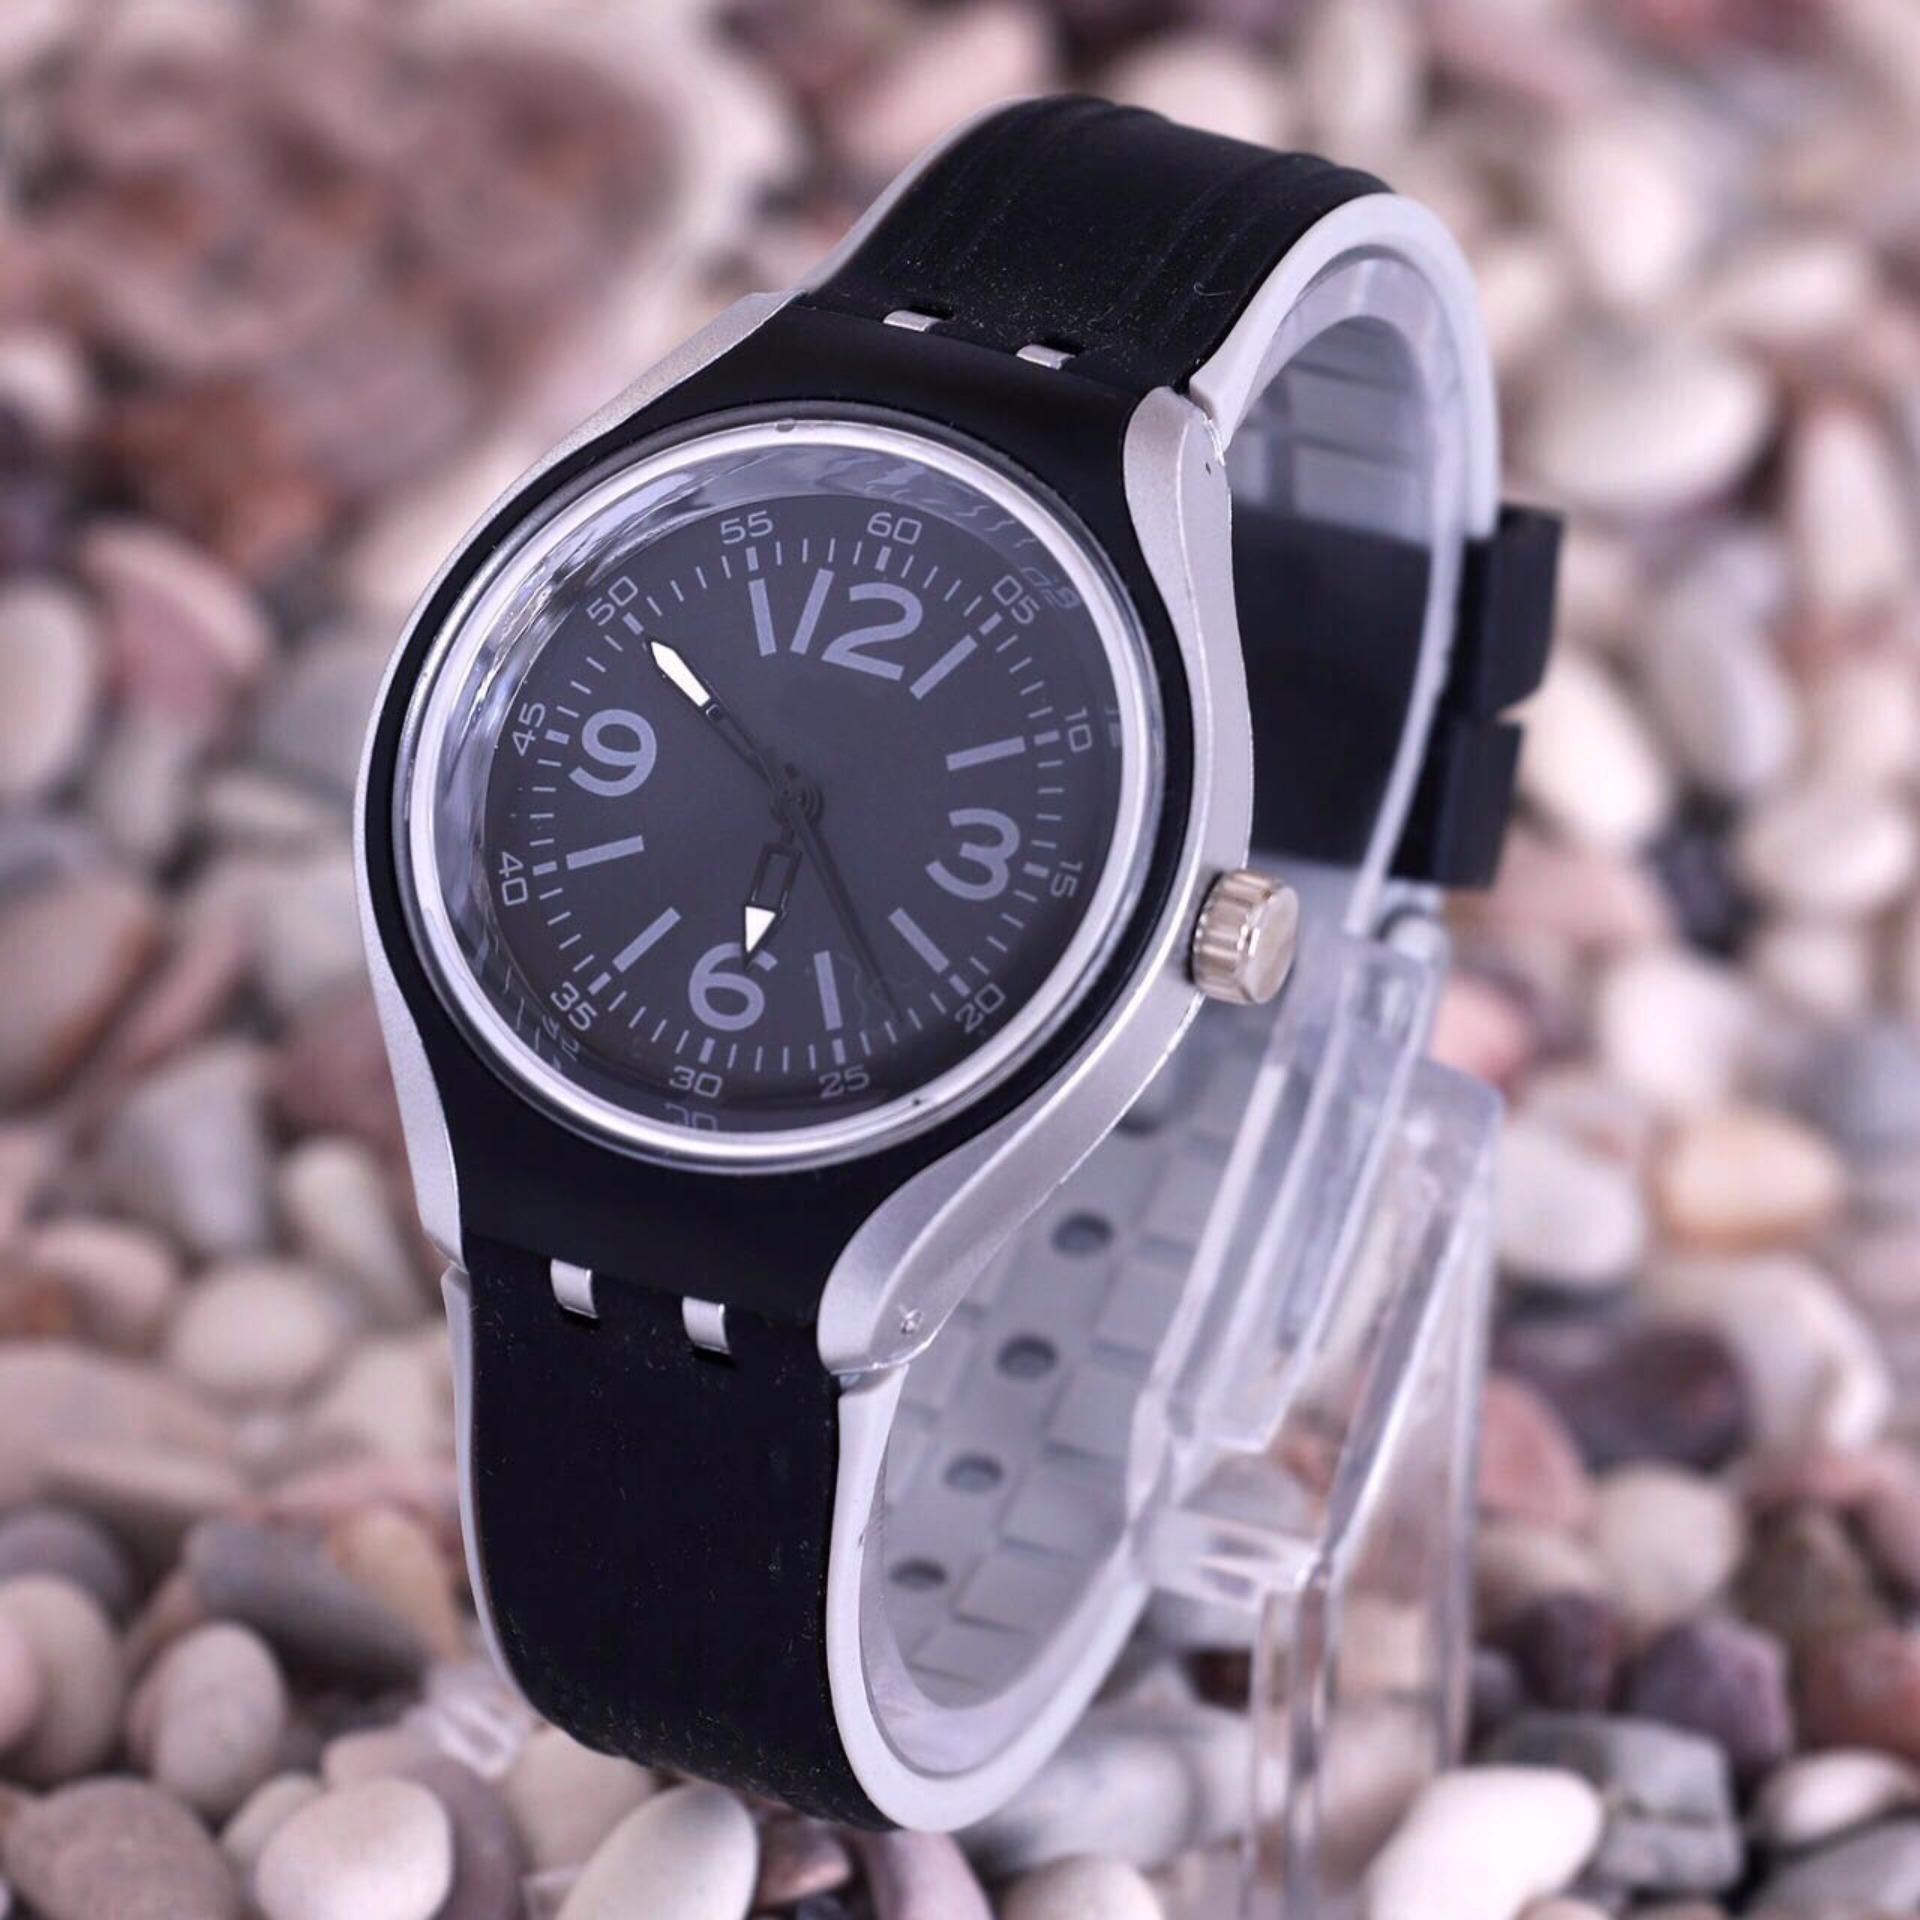 Water Resistance: No WK Jam Tangan Pria Wanita Minimalist Fashion Analog Quartz Men Lady Karet PU Watch - Black